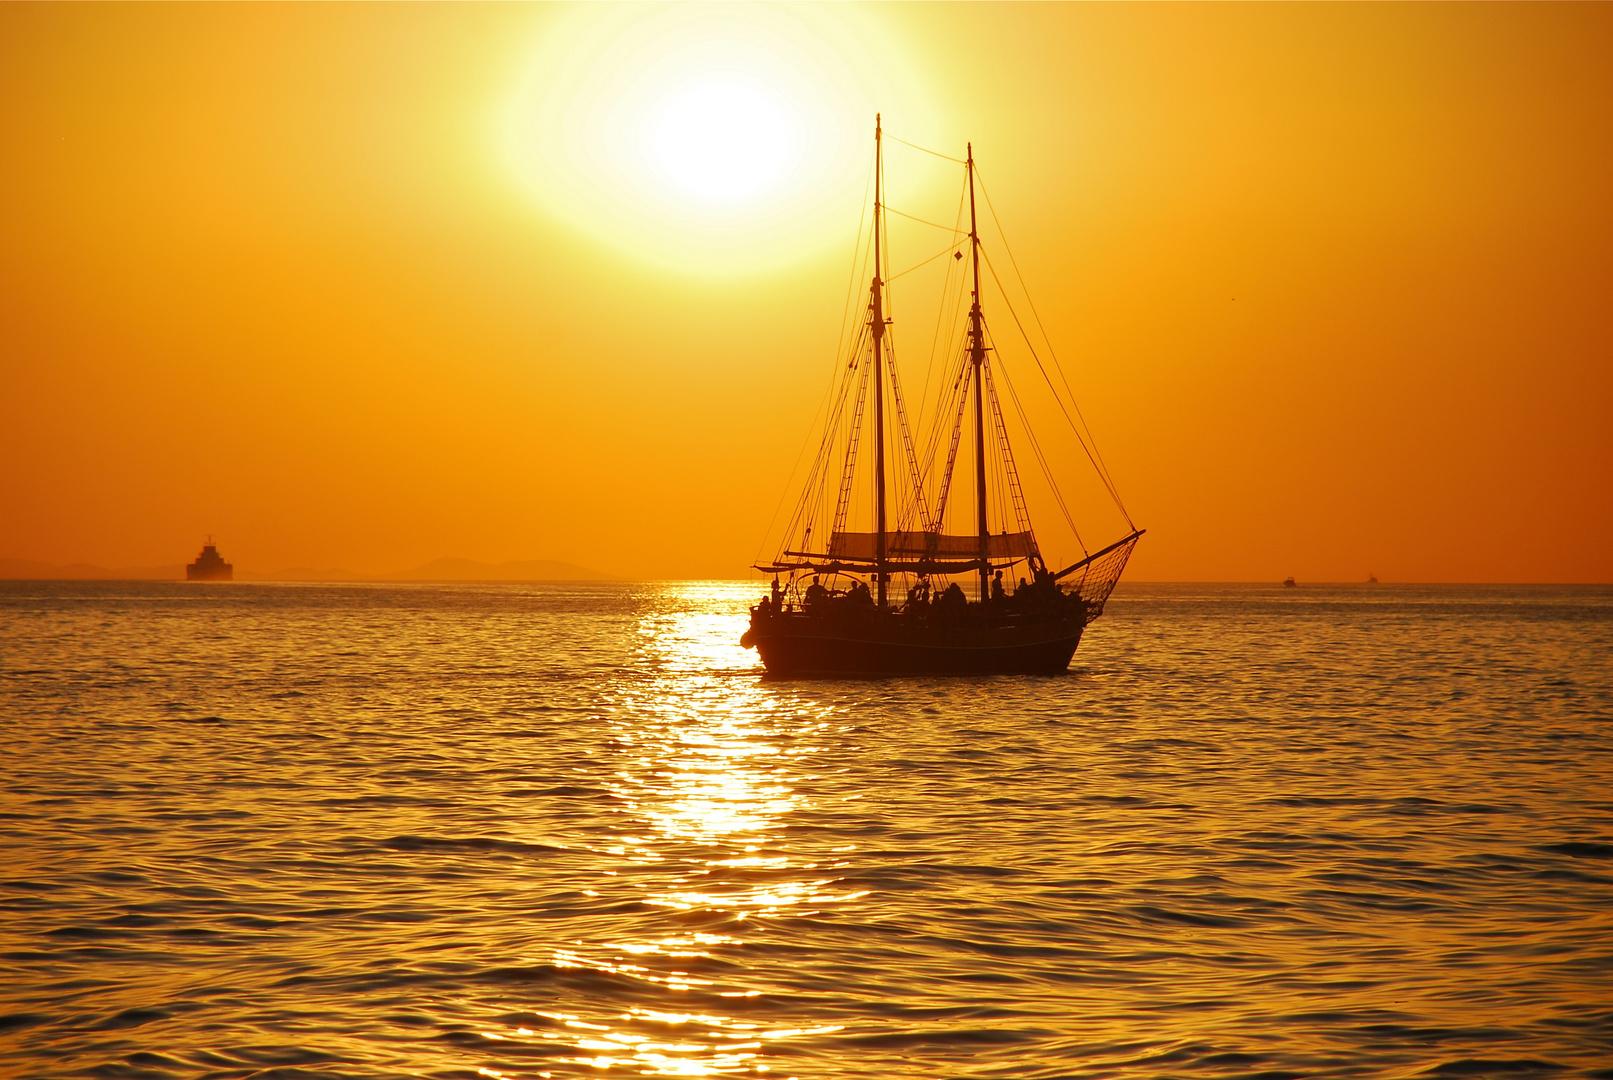 sunset@zadar